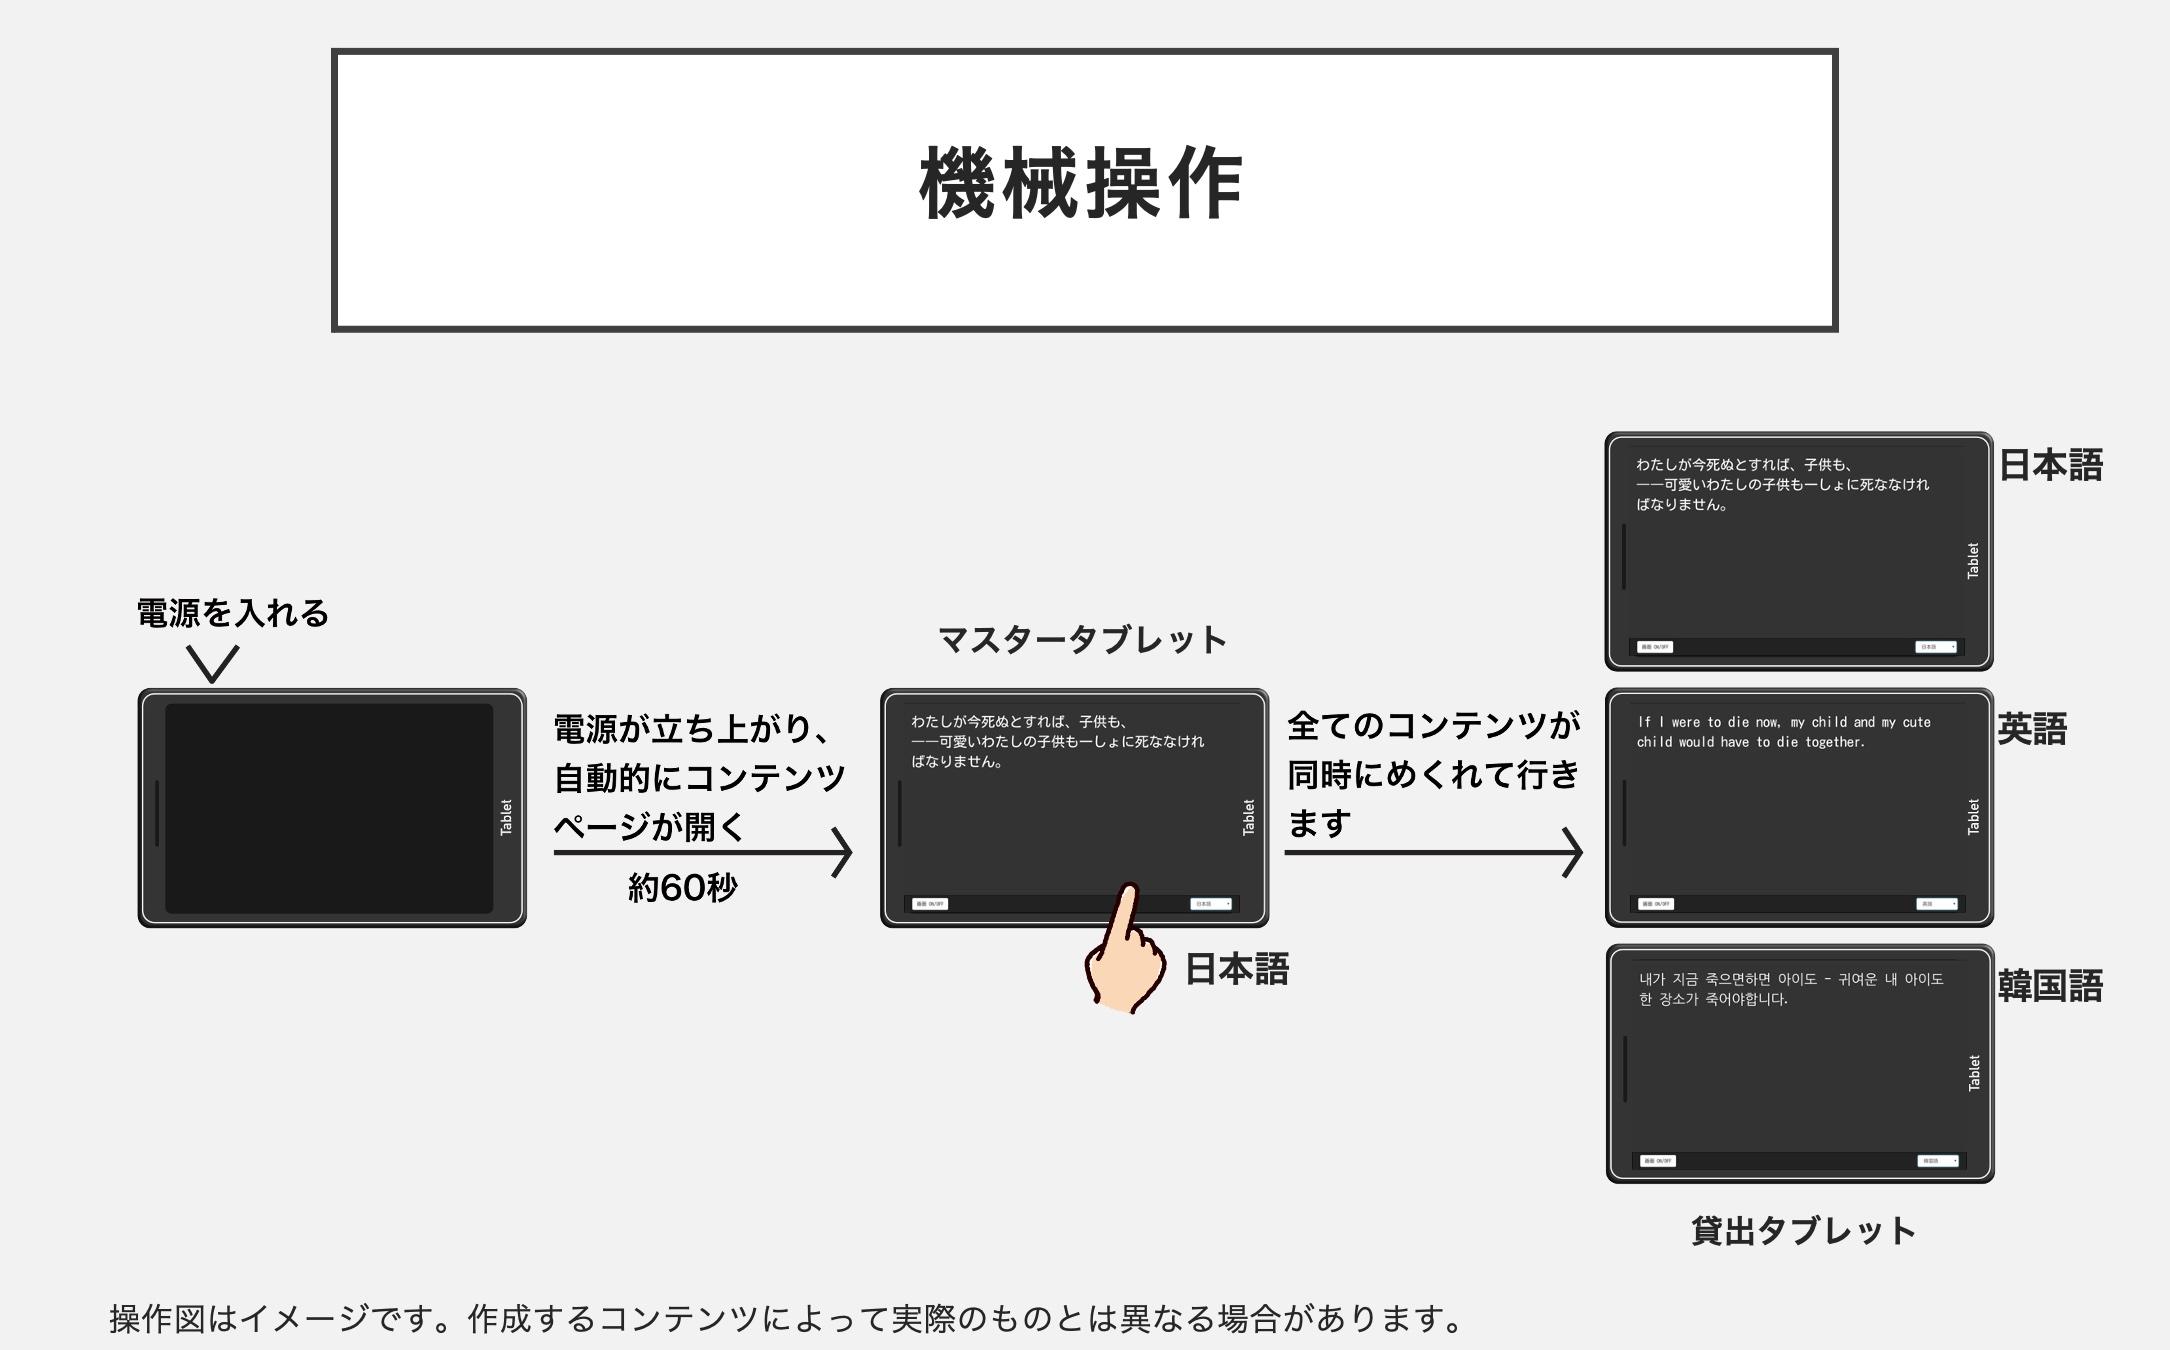 タブレット字幕イメージ